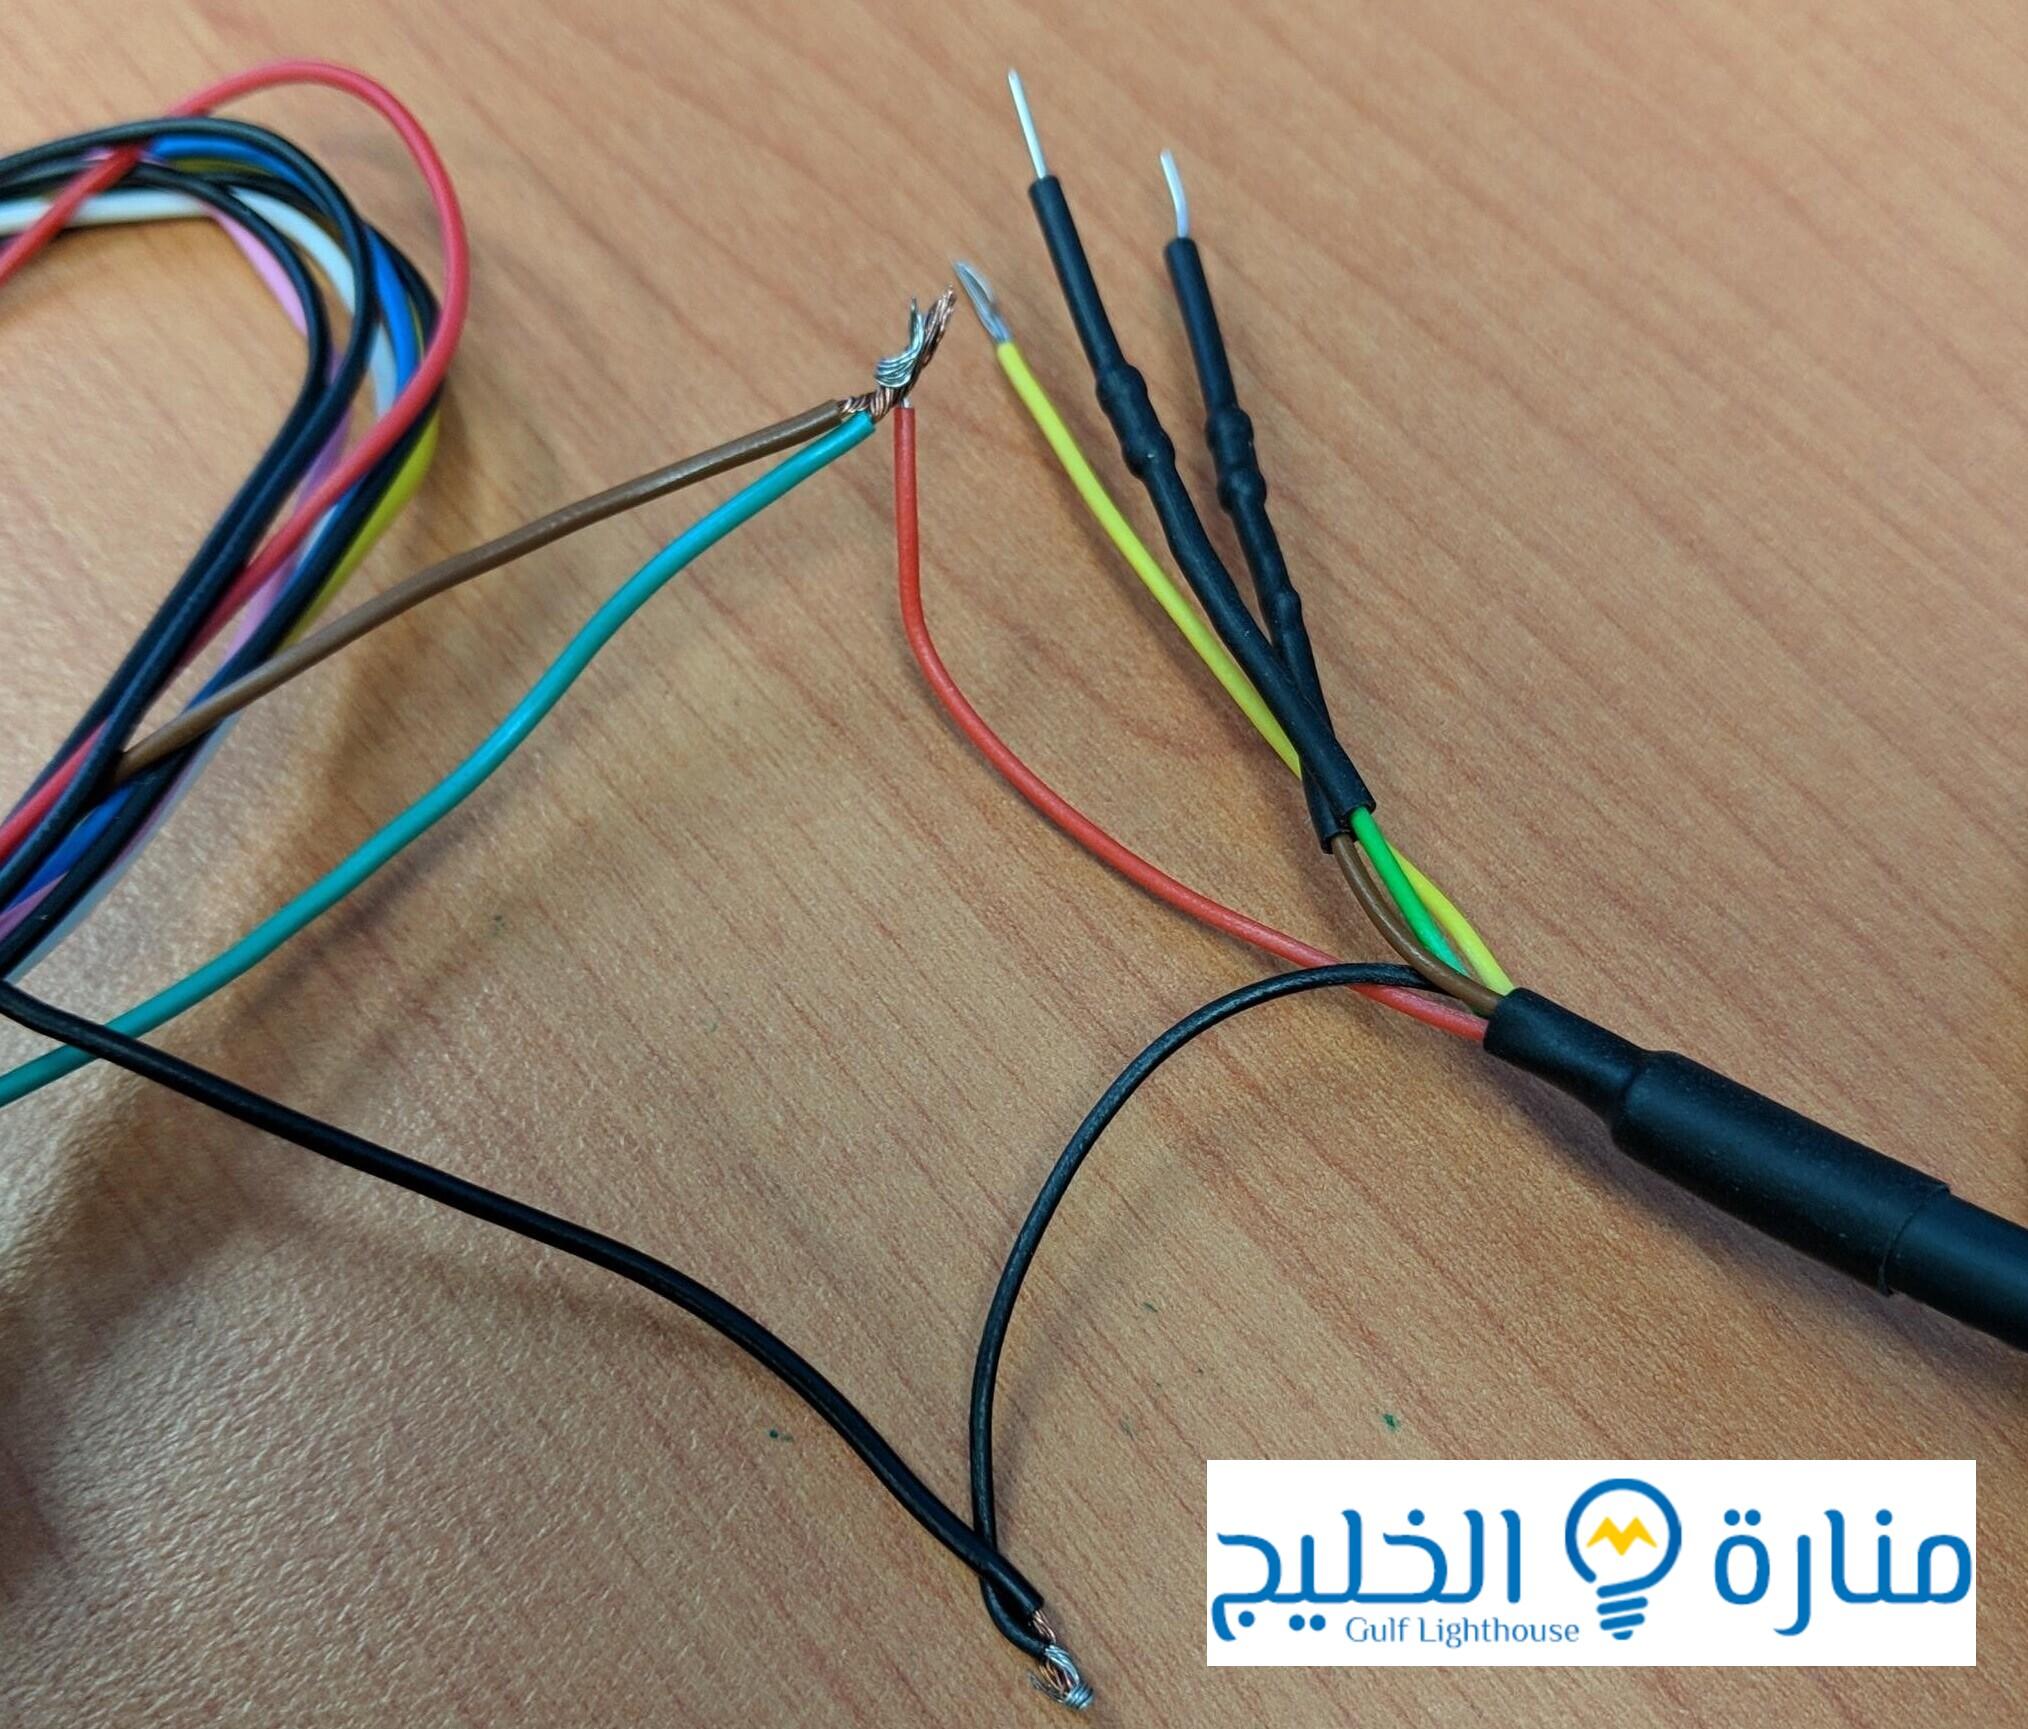 شركة صيانة كهرباء في الرياض